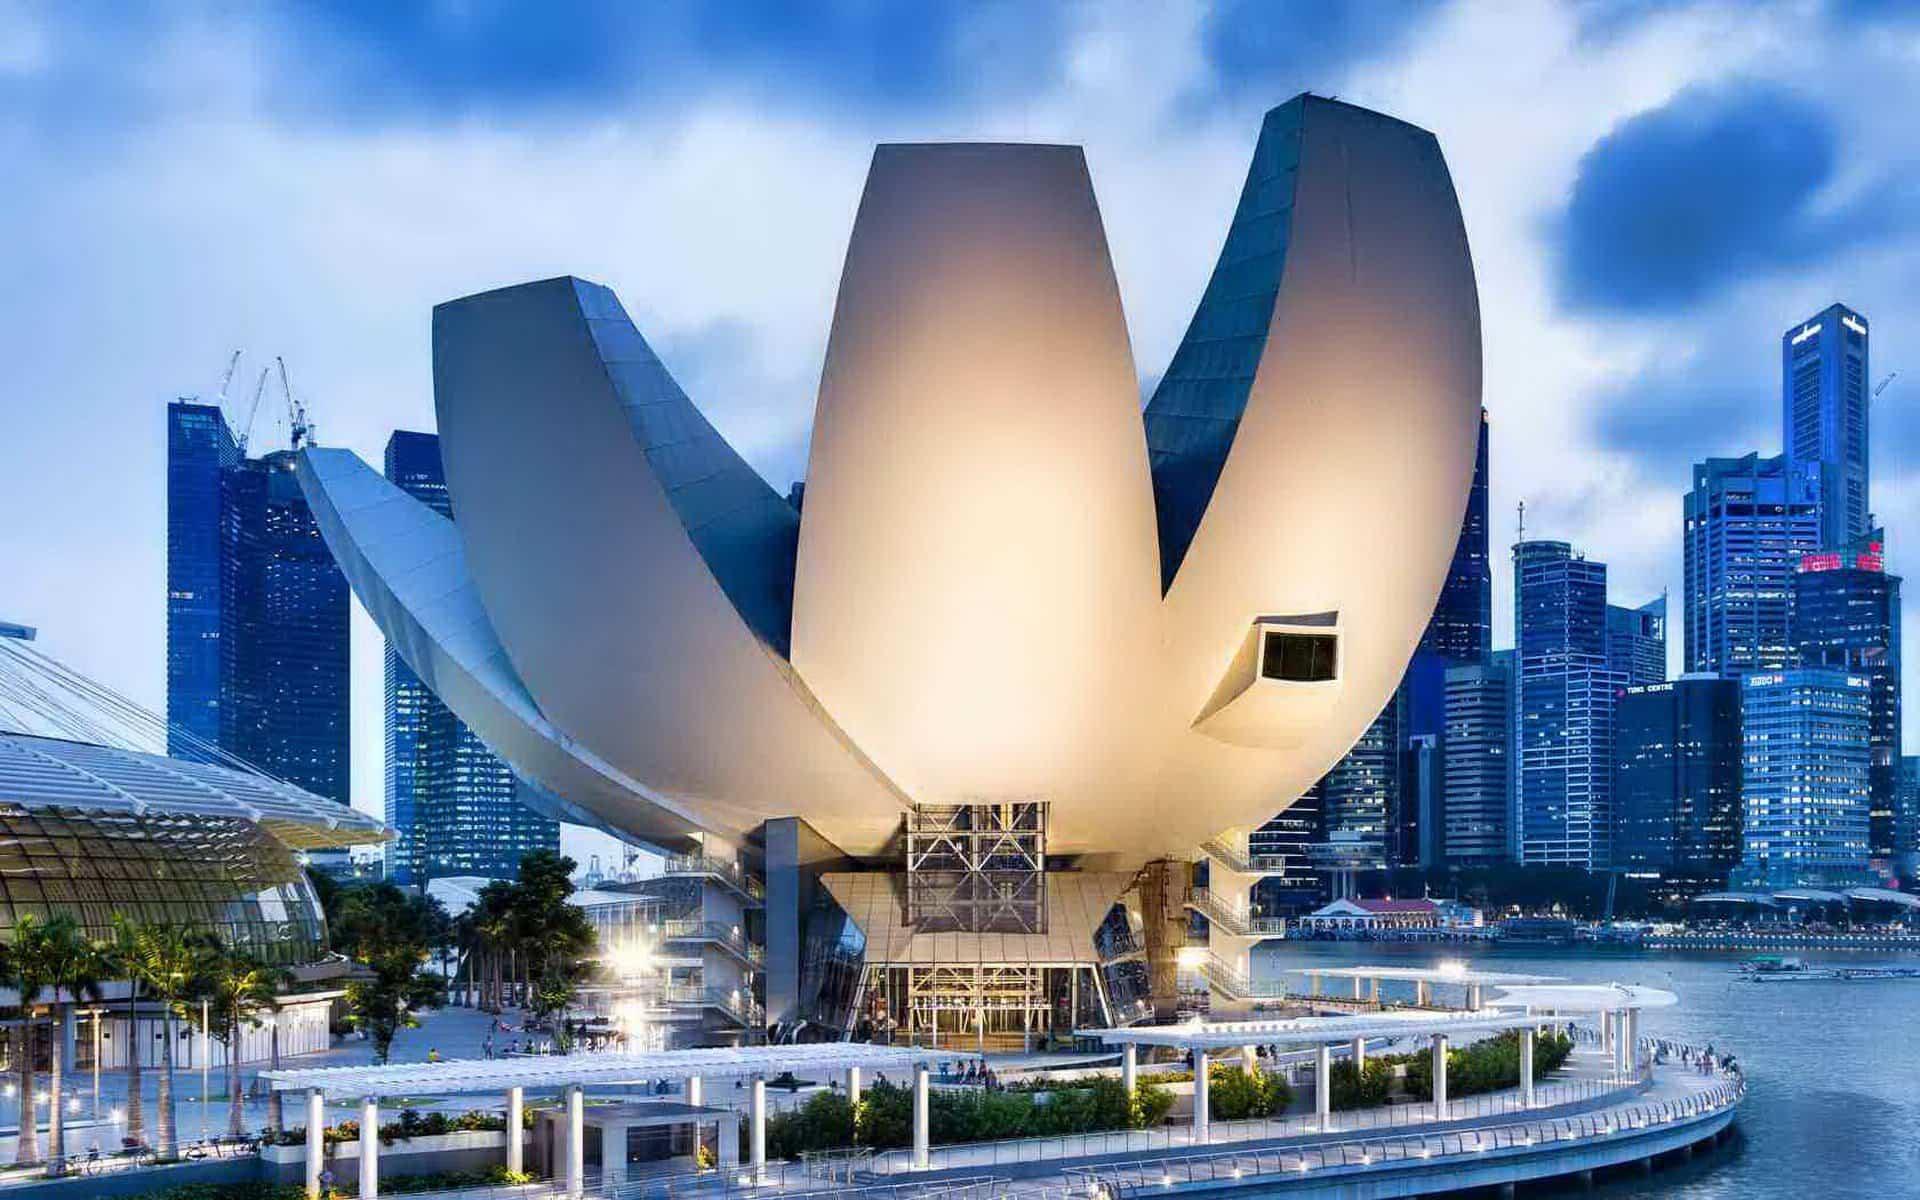 proyectos arquitectura moderna 7 museo de arte y ciencia en singapur